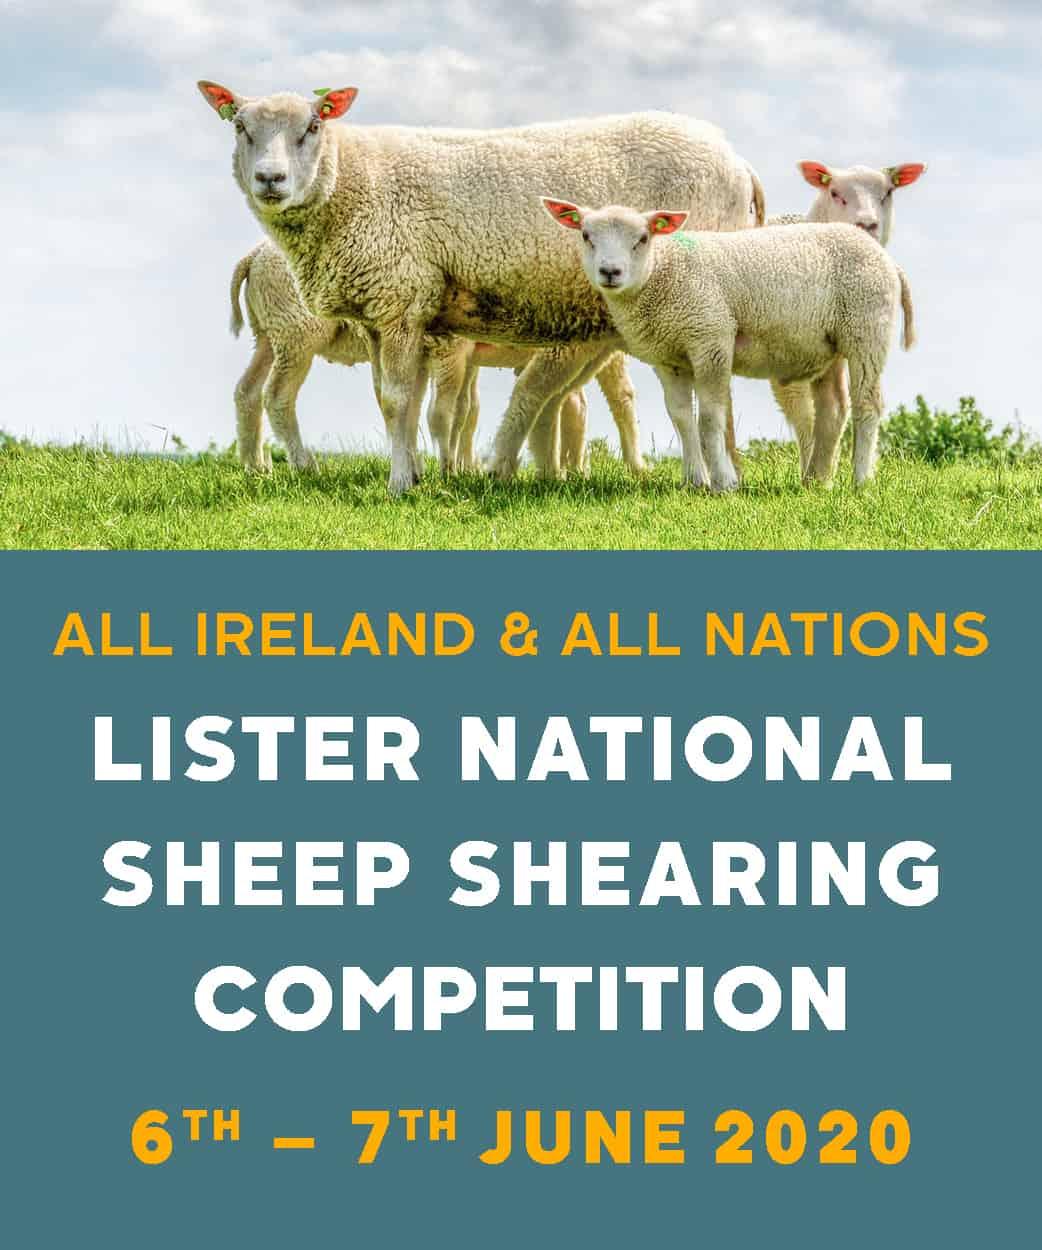 Lister National Sheep Shearing Championships